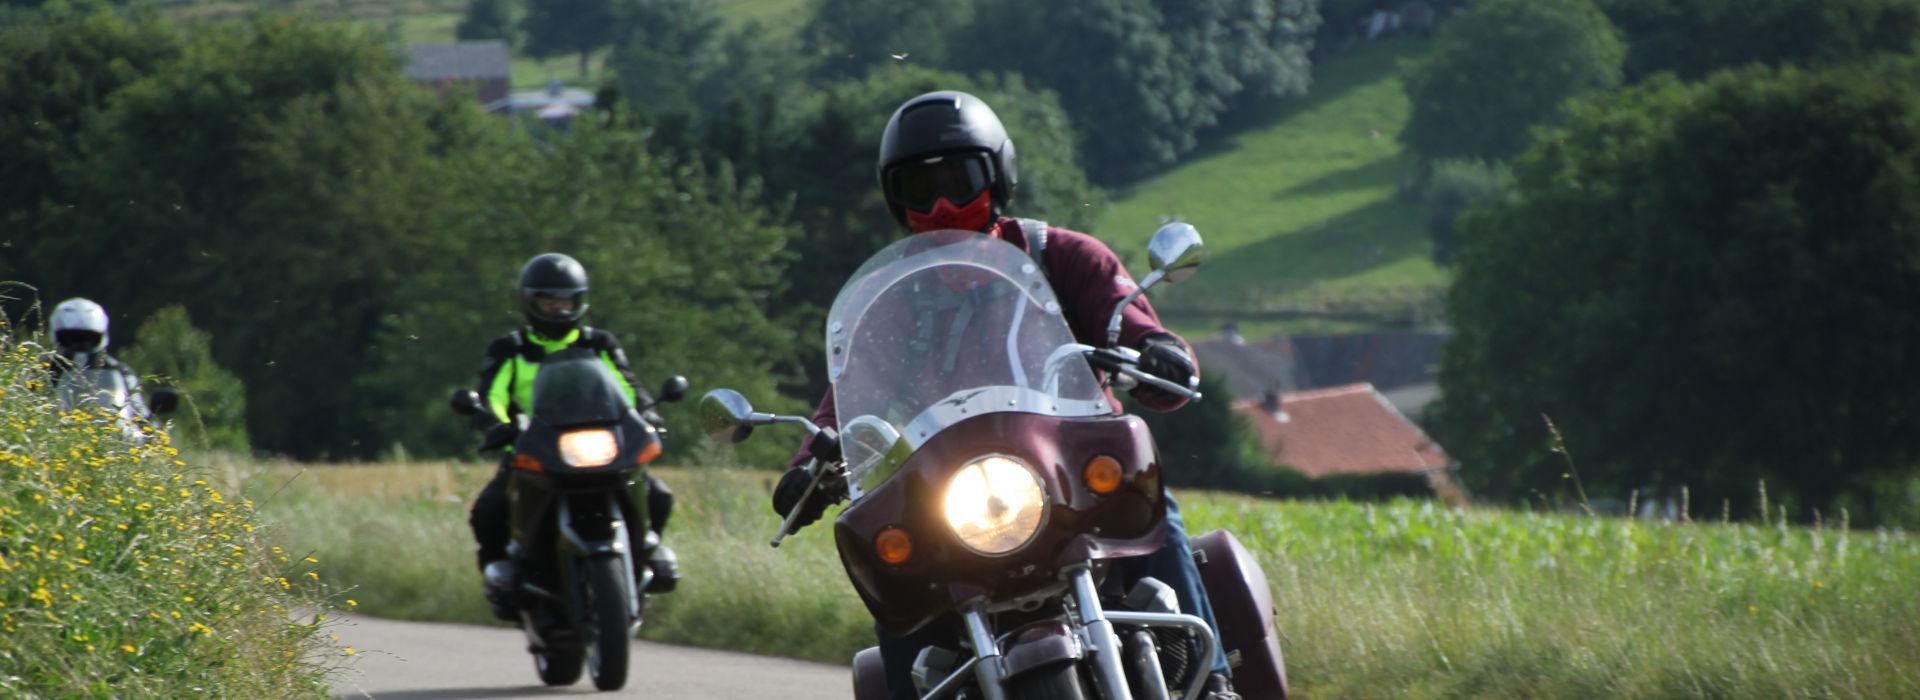 Motorrijbewijspoint Bilthoven spoedopleiding motorrijbewijs